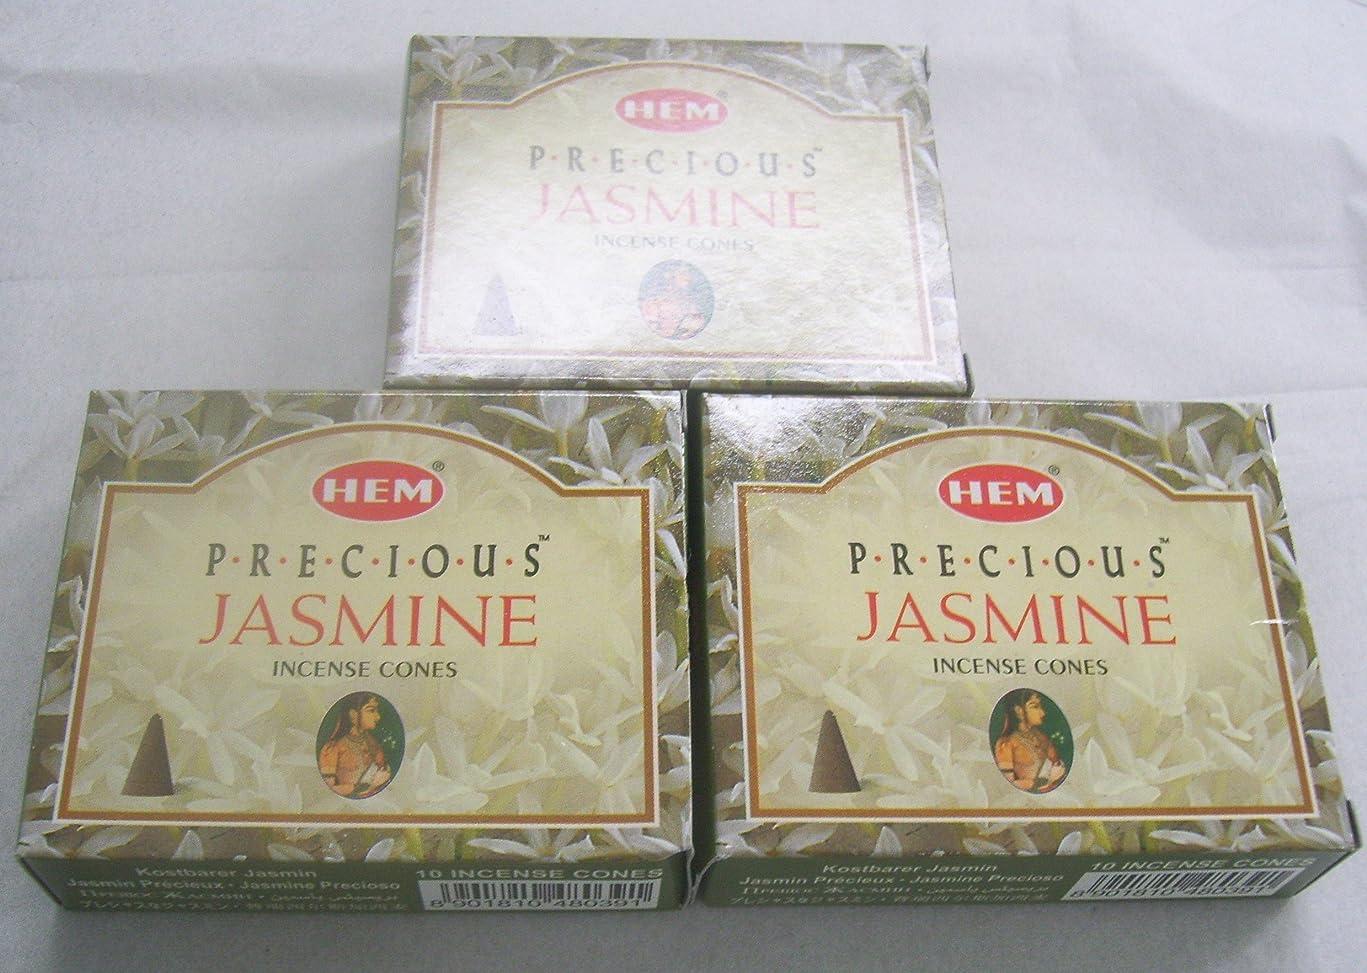 文明化するジャンプするアグネスグレイHem Precious Jasmine Incense Cones、3パックの10?Cones = 30?Cones